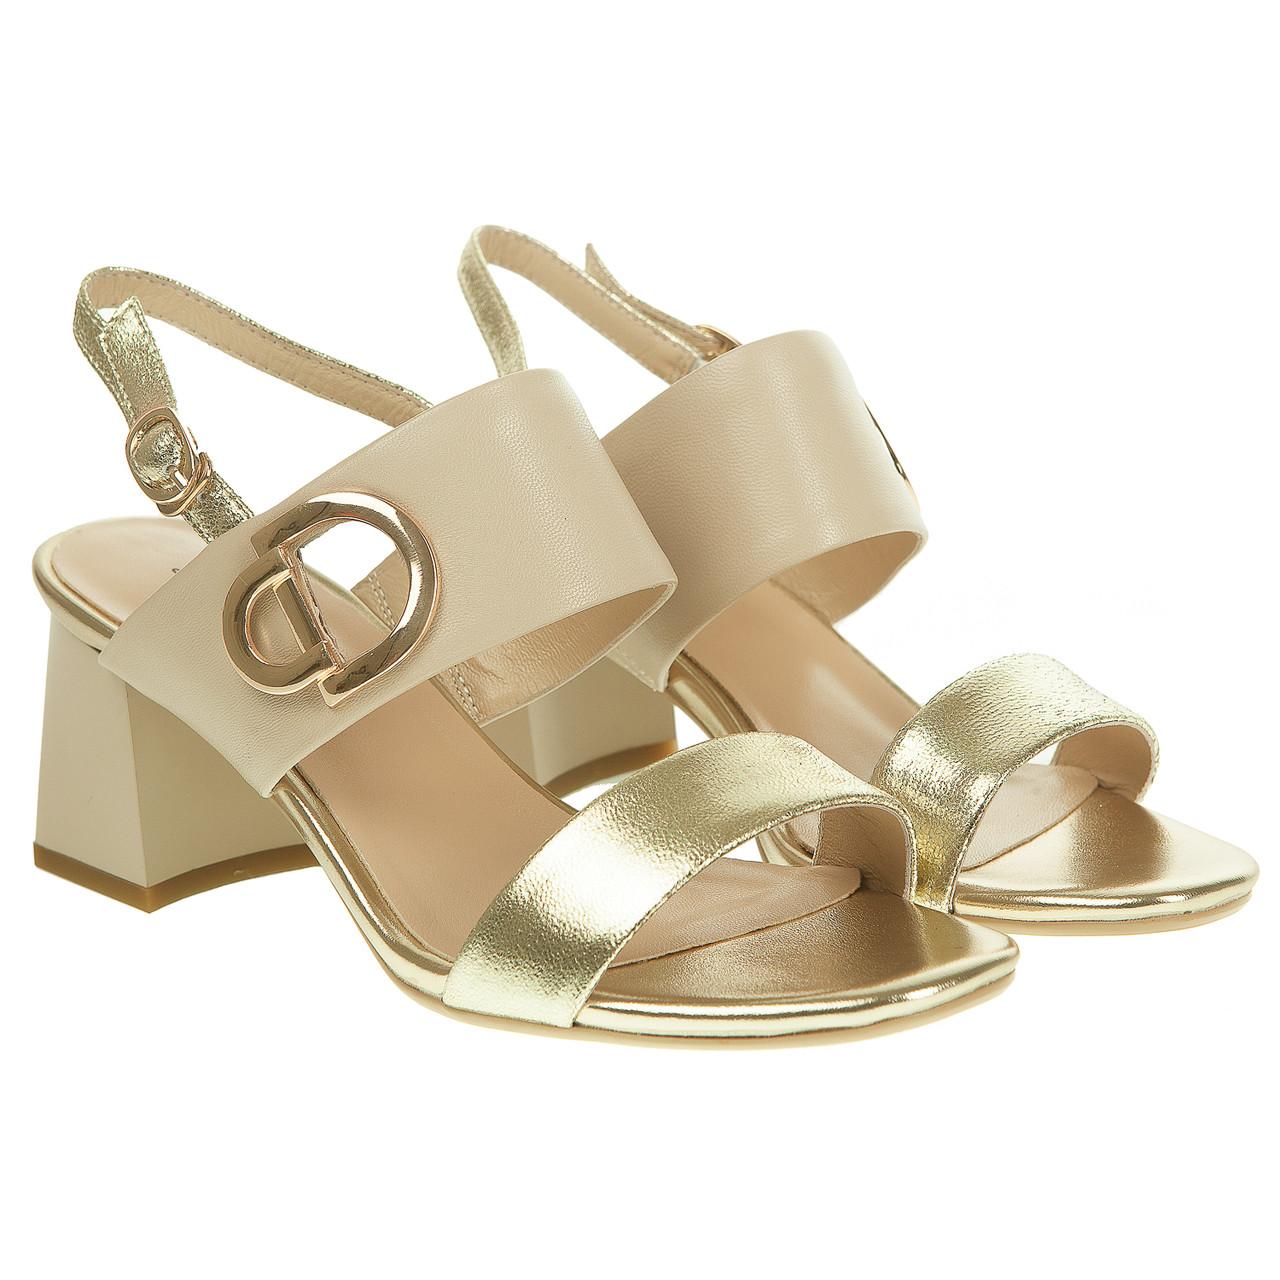 3eb214d3e Босоножки женские Lady Marcia (стильное сочетание бежевого и золотистого  цвета, на широком каблуке, кожаные)